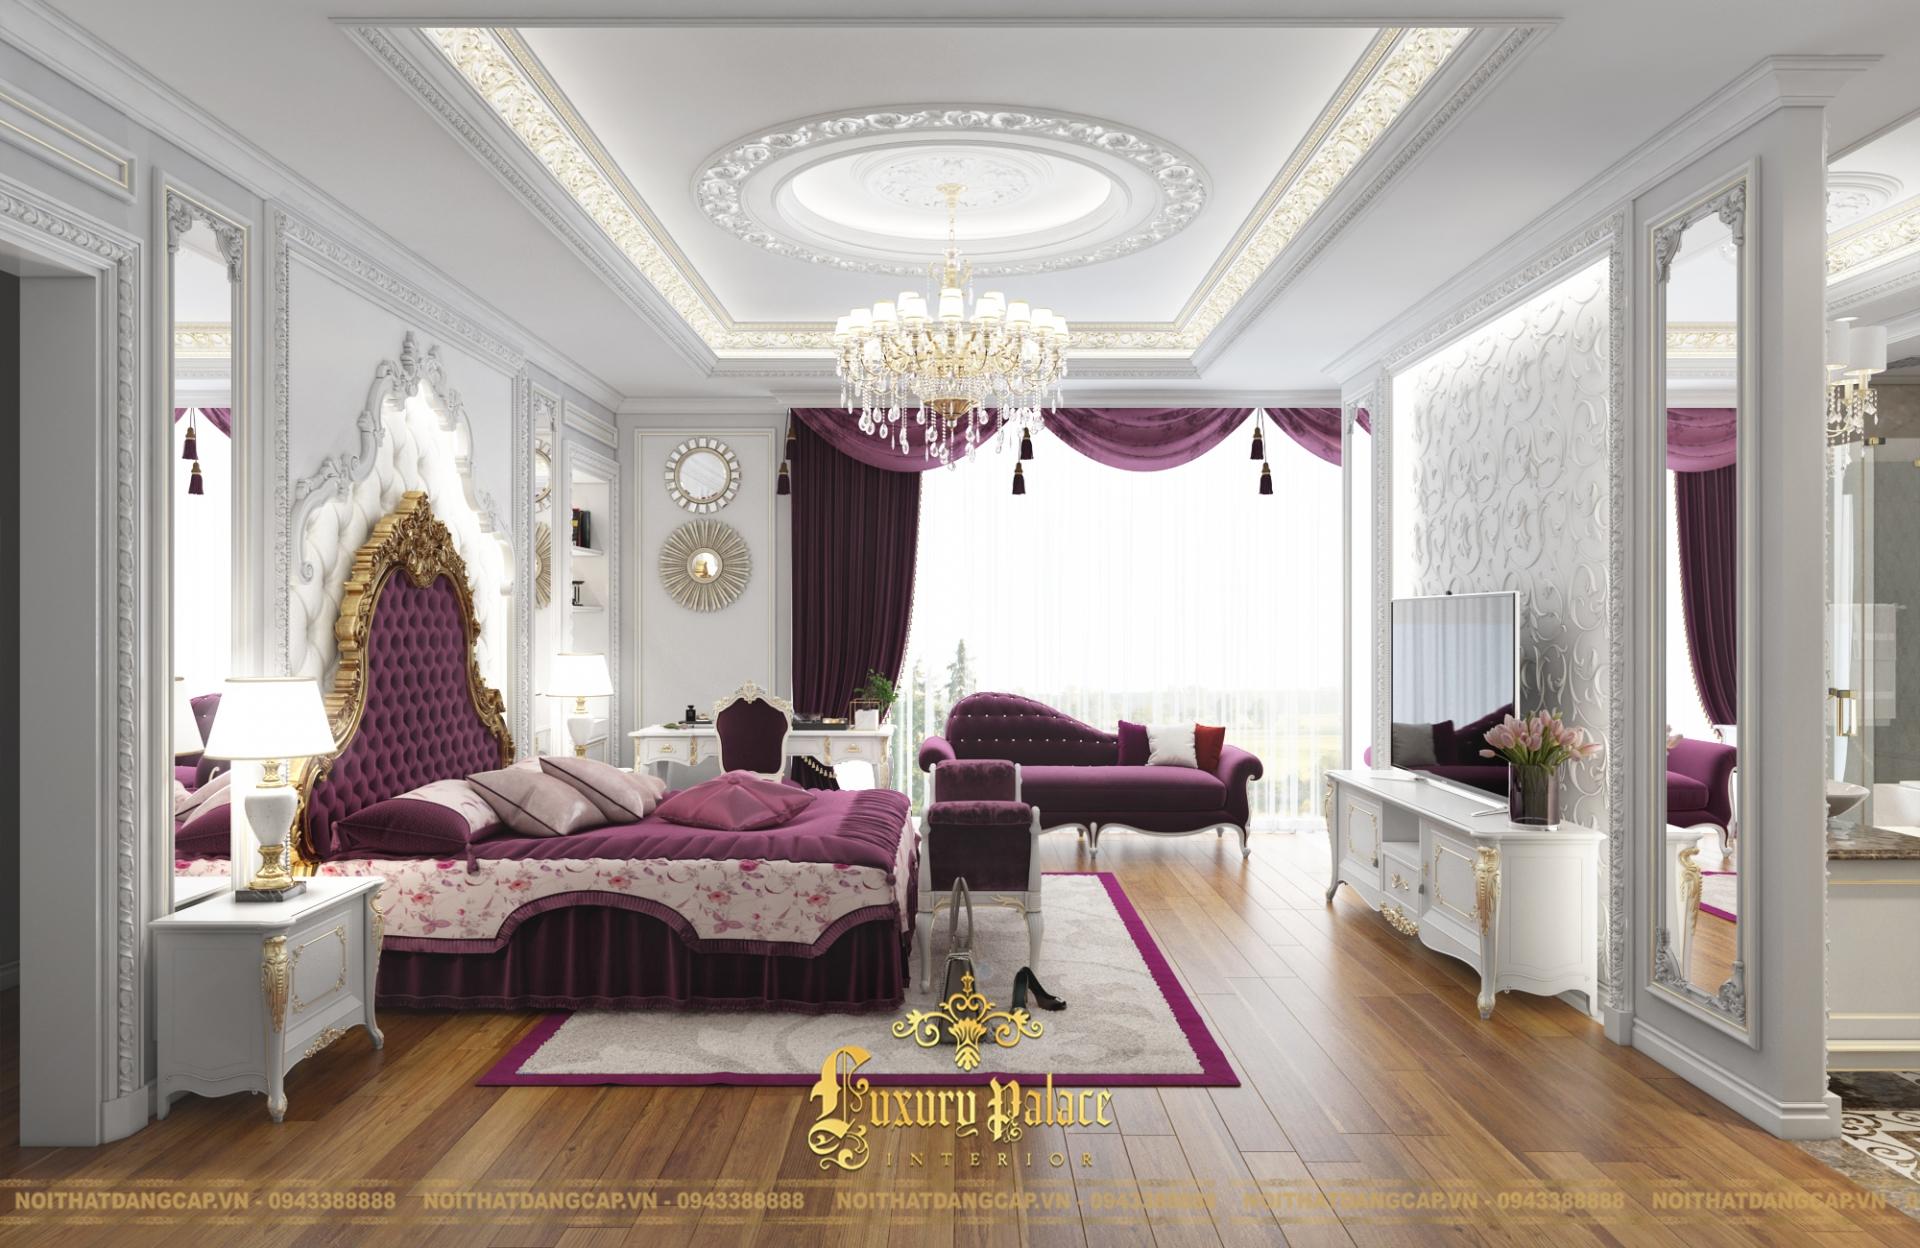 Mẫu thiết kế phòng ngủ phong cách tân cổ điển châu Âu 12